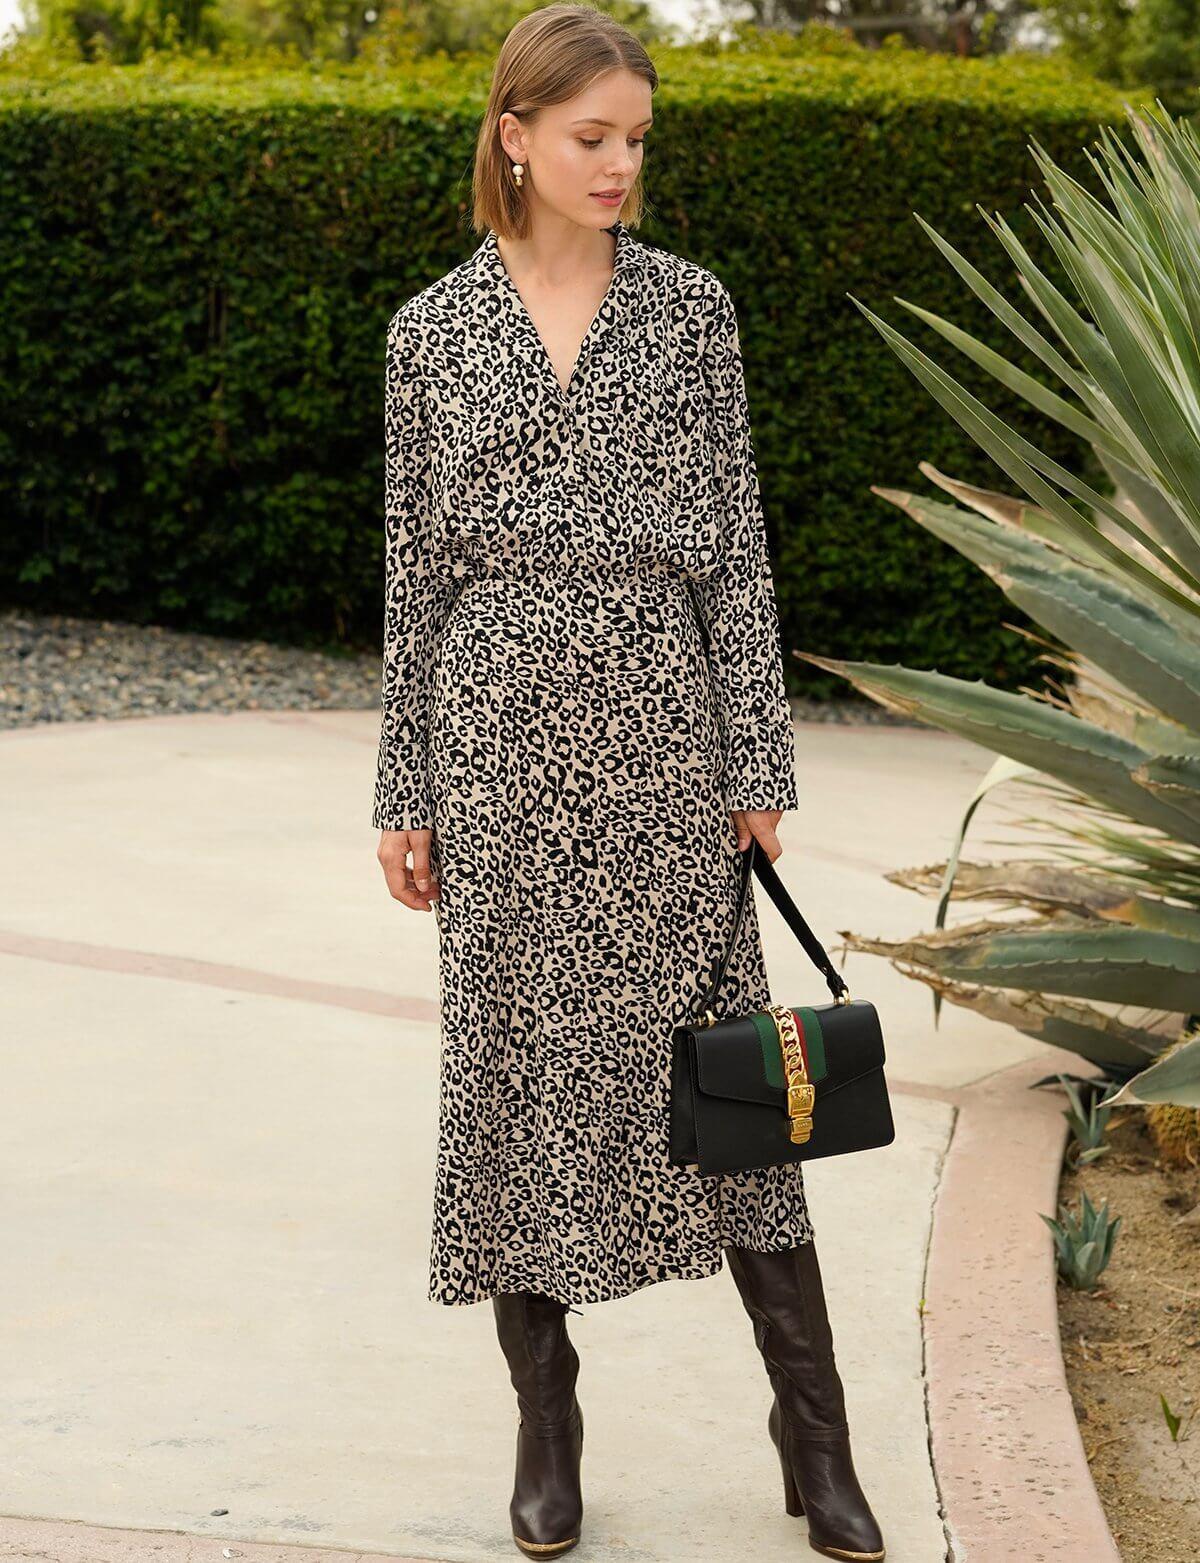 A Leopard Print Skirt